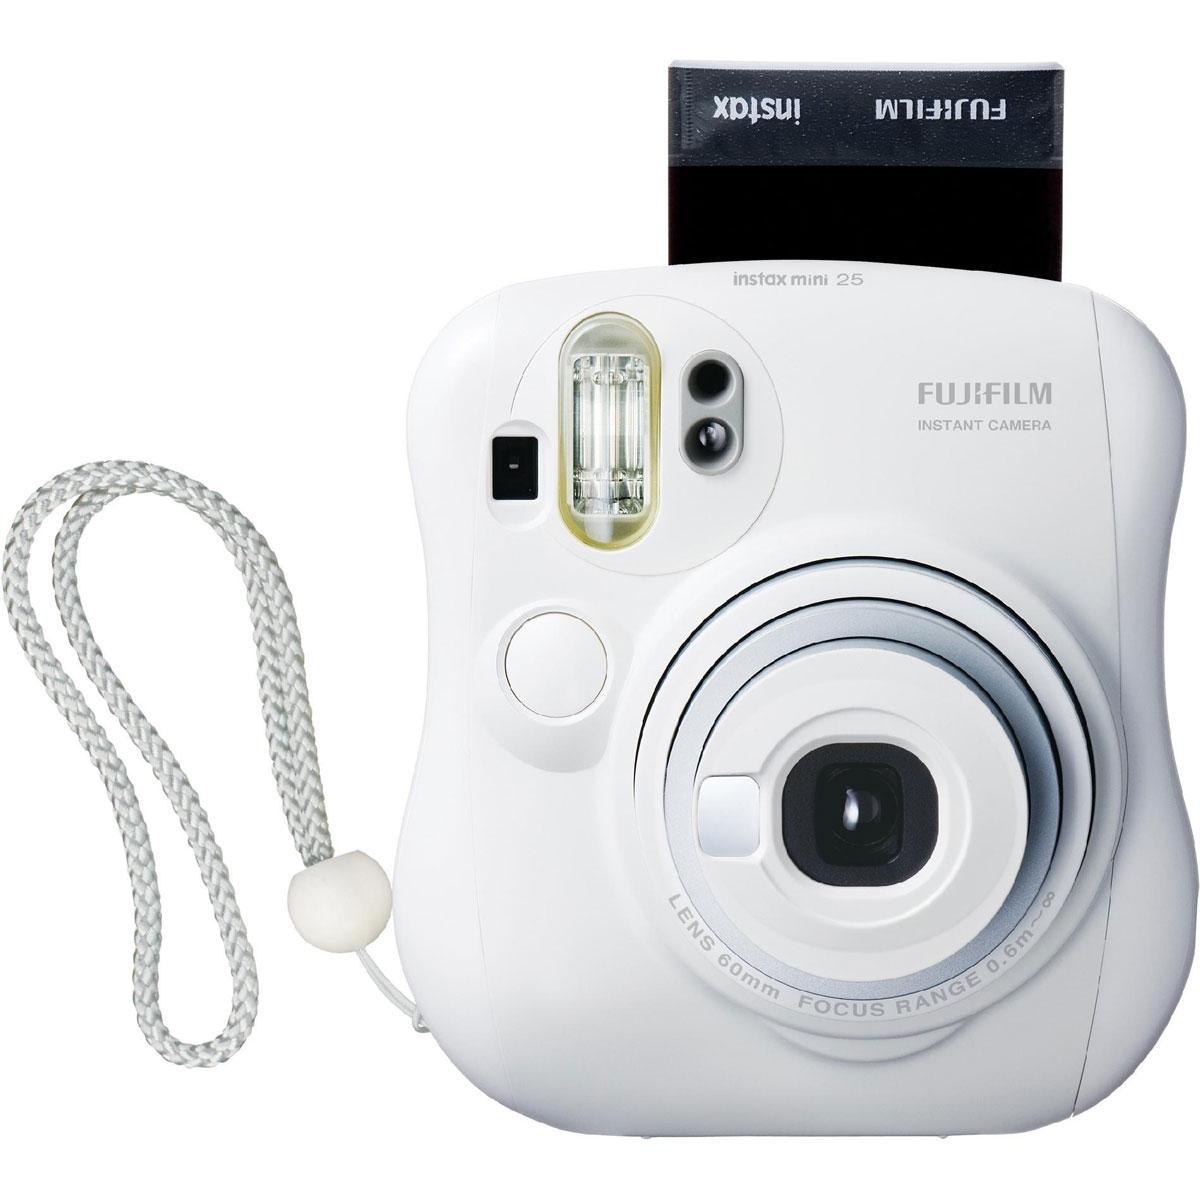 Fujifilm Instax Mini 25, White фотокамера мгновенной печати15953812Вы получите истинное удовольствие от использования фотокамеры для моментальных снимков Fujifilm Instax Mini 25, которая несомненно приобретёт популярность среди Ваших близких. Благодаря изящным снимкам размером с кредитную карту, получаемым за считанные секунды, любители фотографии всех возрастов смогут насладиться приятным сувениром на память о событиях своей жизни сразу после нажатия на кнопку затвора. Сочетание высококачественного объектива Fujinon и фотоплёнки Instax Mini позволяет мгновенно получать великолепные фотографии. Регулировка яркости/затемнения позволяет настраивать насыщенность цветов на конечной фотографии. Две кнопки спуска затвора на корпусе делают съемке с вертикальной и горизонтальной ориентацией камеры гораздо удобнее. Режим заполняющей вспышки (интеллектуальная вспышка для светлого фона) используется для запечатления человека и фона с одинаковой четкостью. Камера определяет яркость фона и в зависимости от нее ...